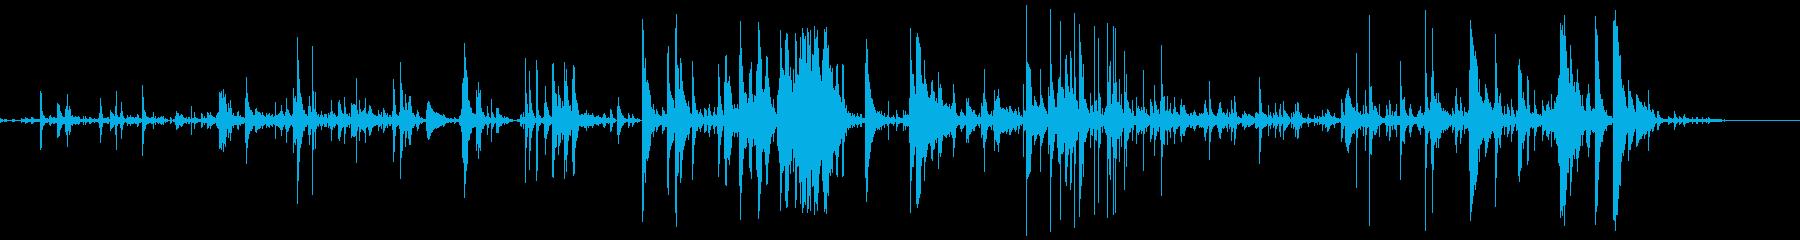 スモールメタルデブリスピルメタルイ...の再生済みの波形